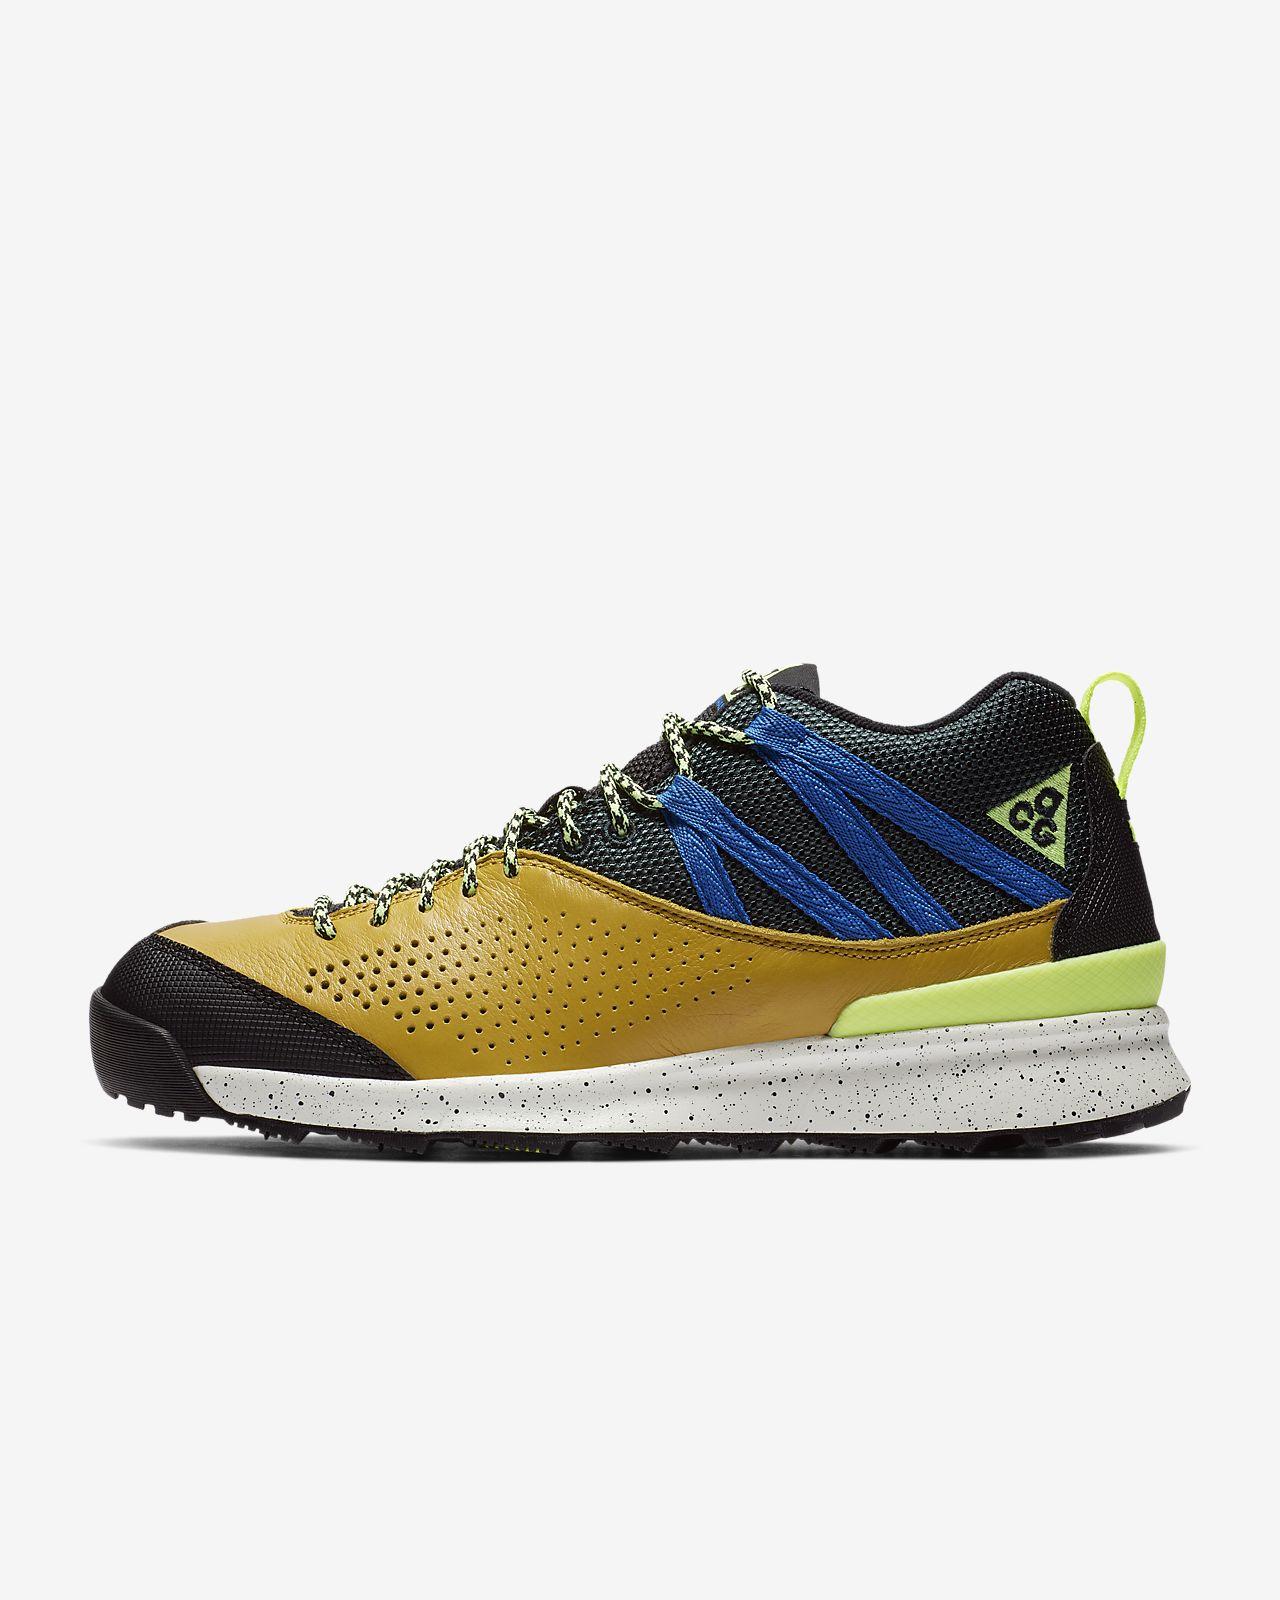 Sko Nike Okwahn II för män